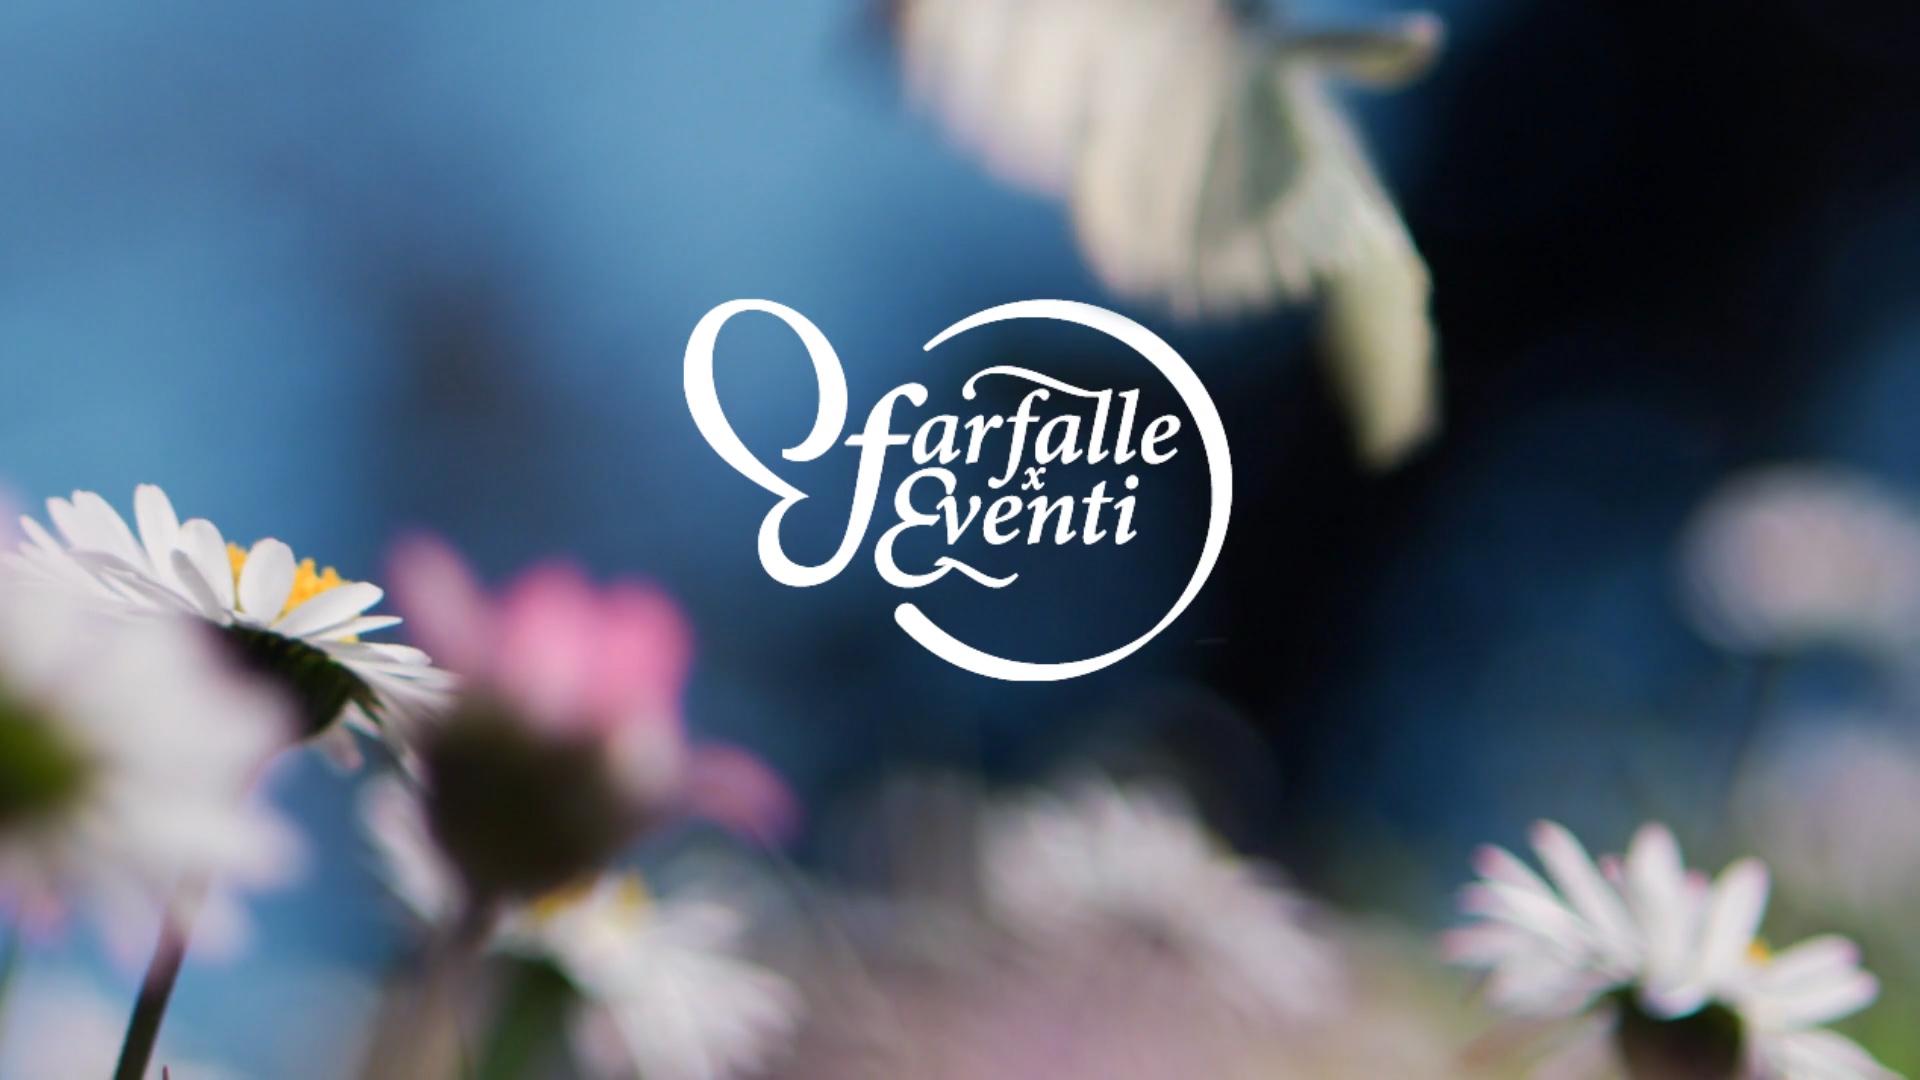 FARFALLE PER EVENTI